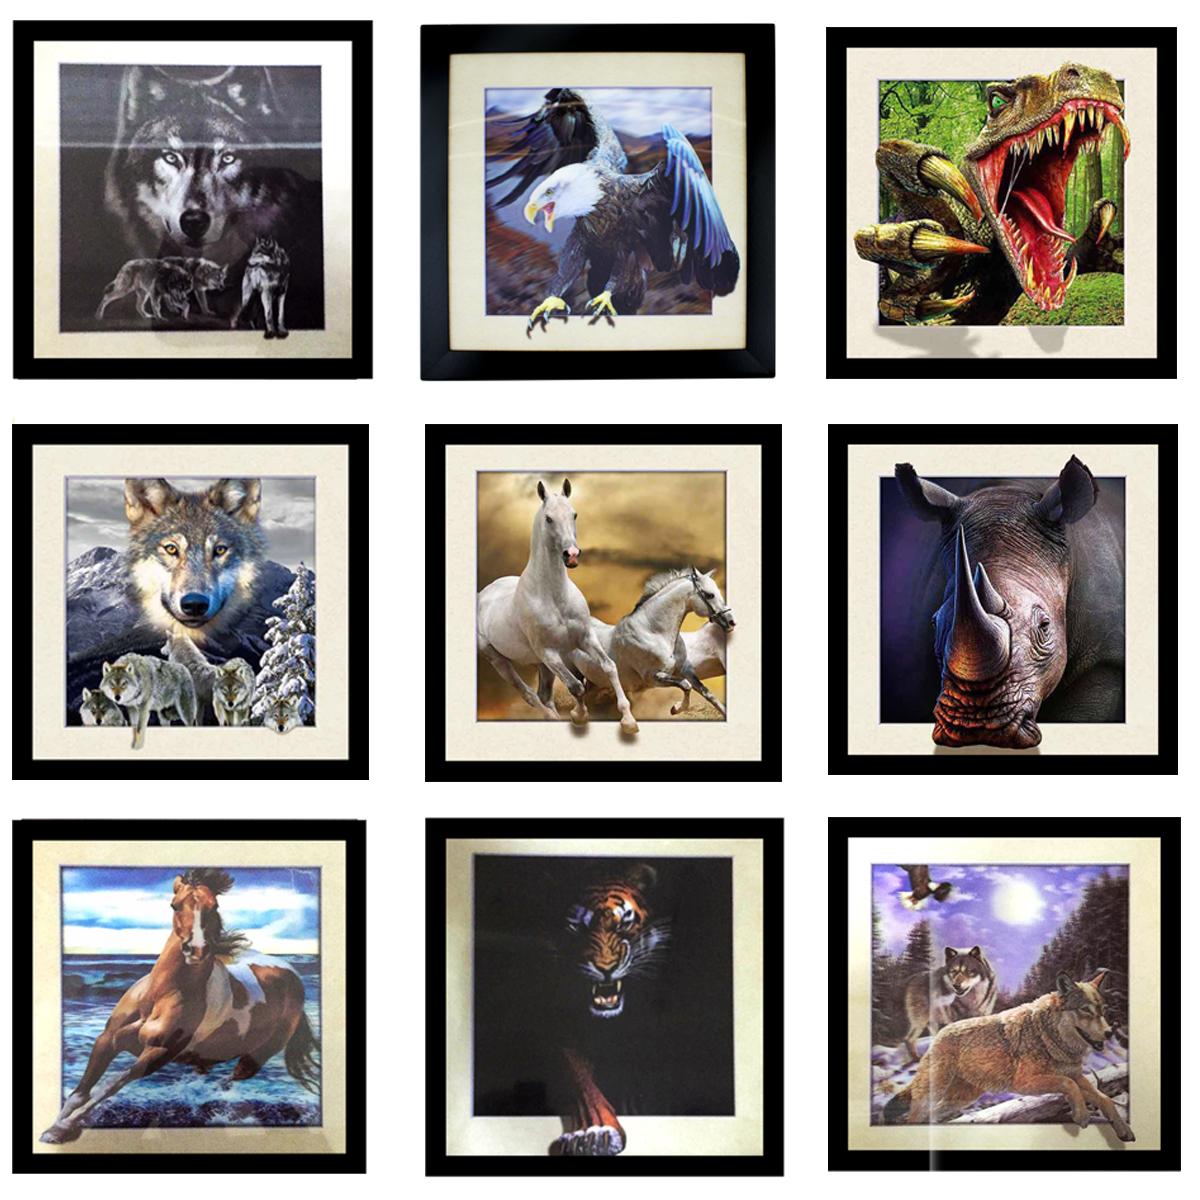 Sonia originelli 5d bilder tiere wanddekoration fotos - Wanddekoration bilder ...